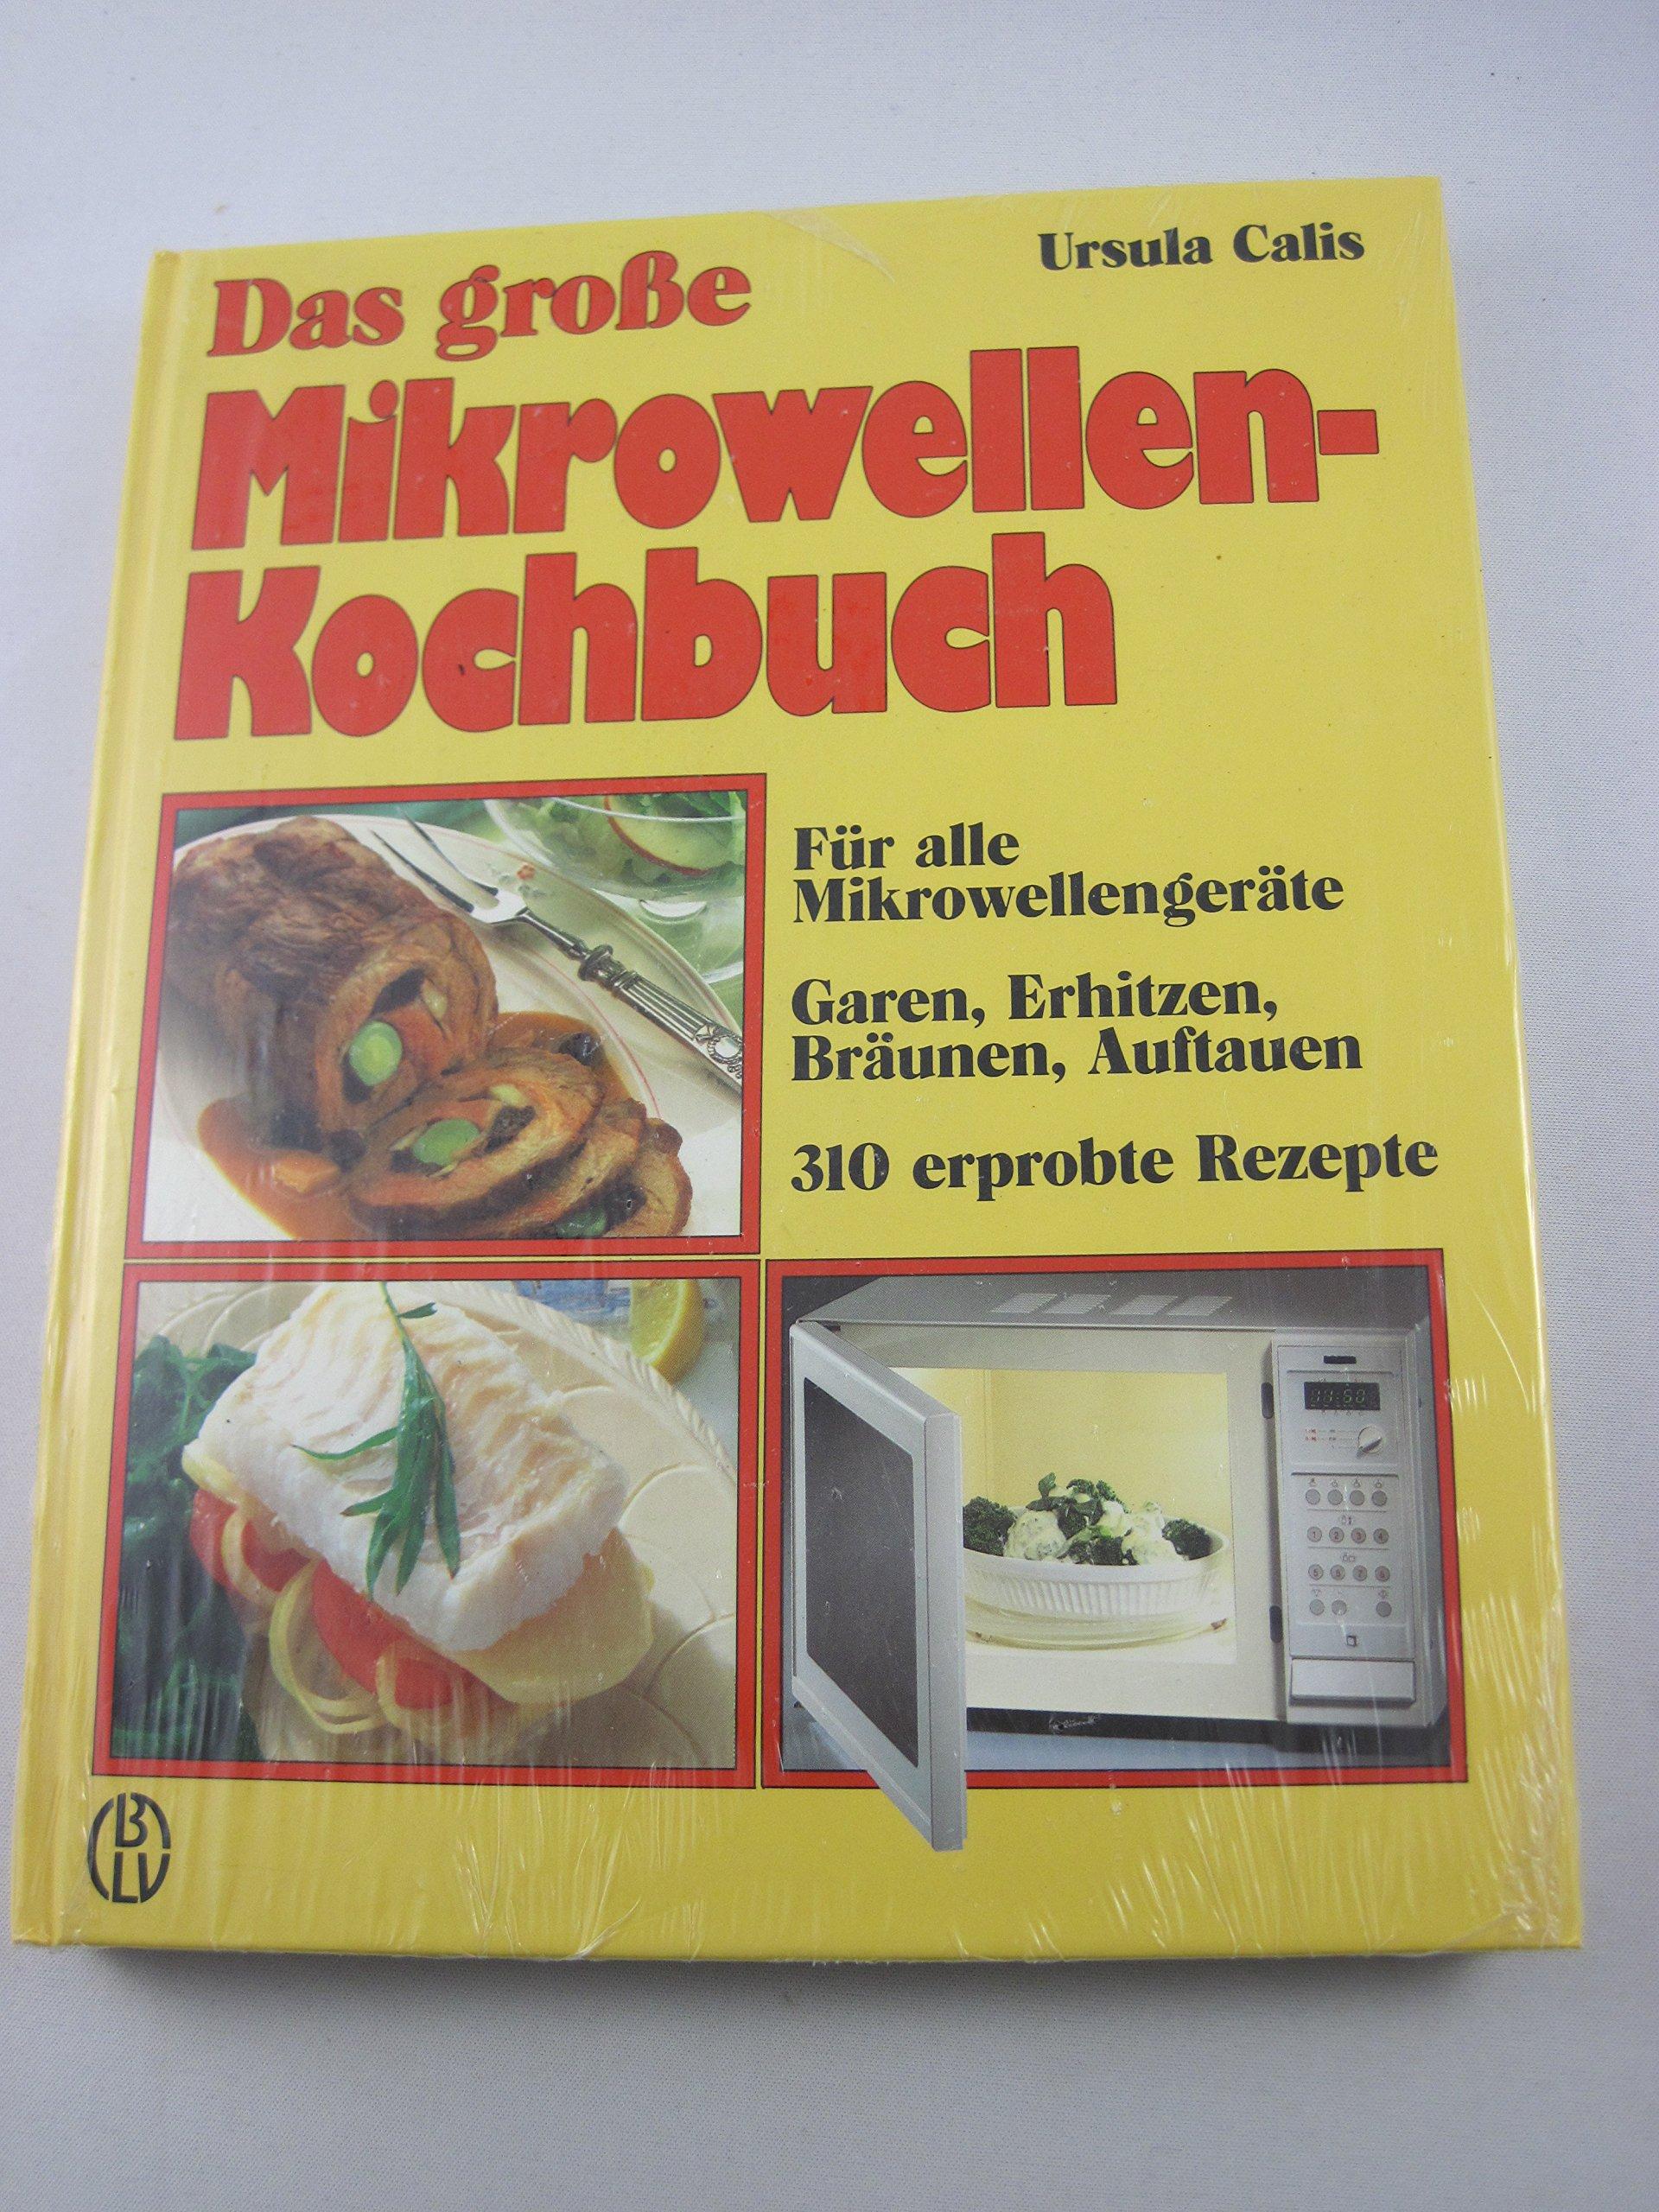 Das grosse Mikrowellen-Kochbuch. Für alle Mikrowellen- und Kombinationsgeräte. Garen, Erhitzen, Bräunen, Auftauen. 310 erprobte Rezepte